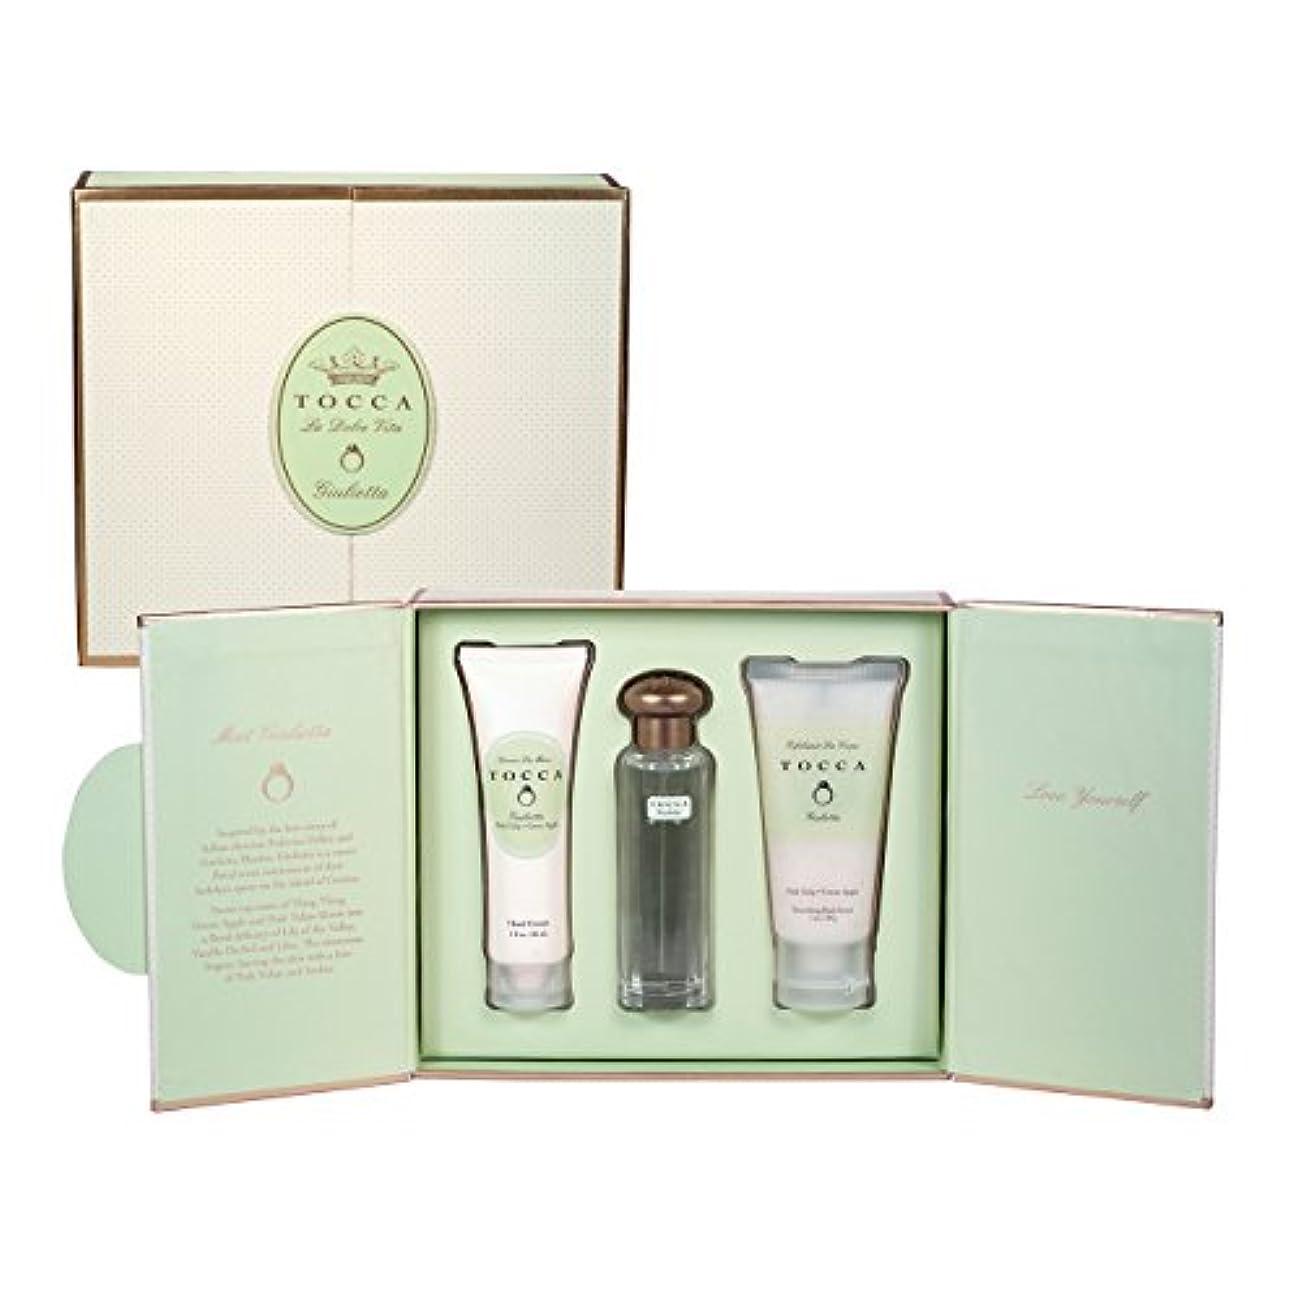 もう一度到着本当にトッカ(TOCCA) ドルチェヴィータコレクション ジュリエッタの香り (香水20ml、ハンドクリーム30ml、ボディーケアスクラブ30ml)